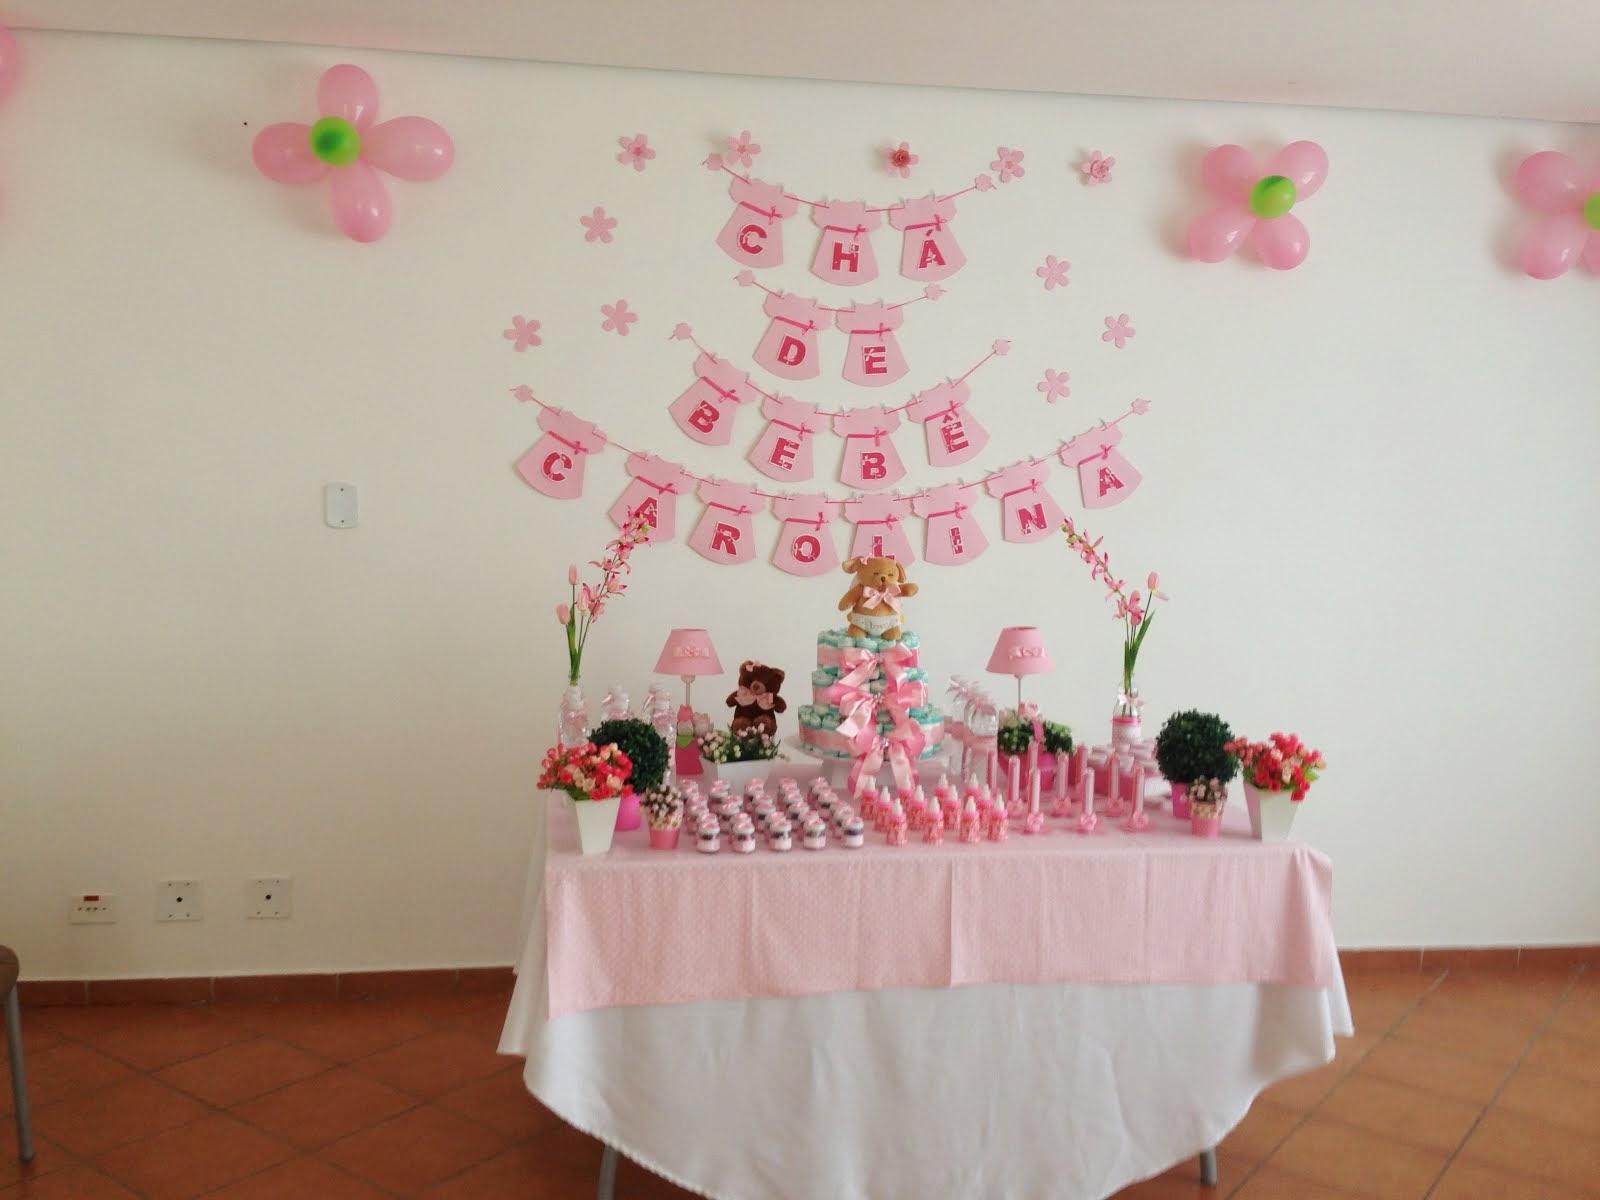 Decorações de festa estilo provençal e tematica,chá de bebês e chá de cozinha...